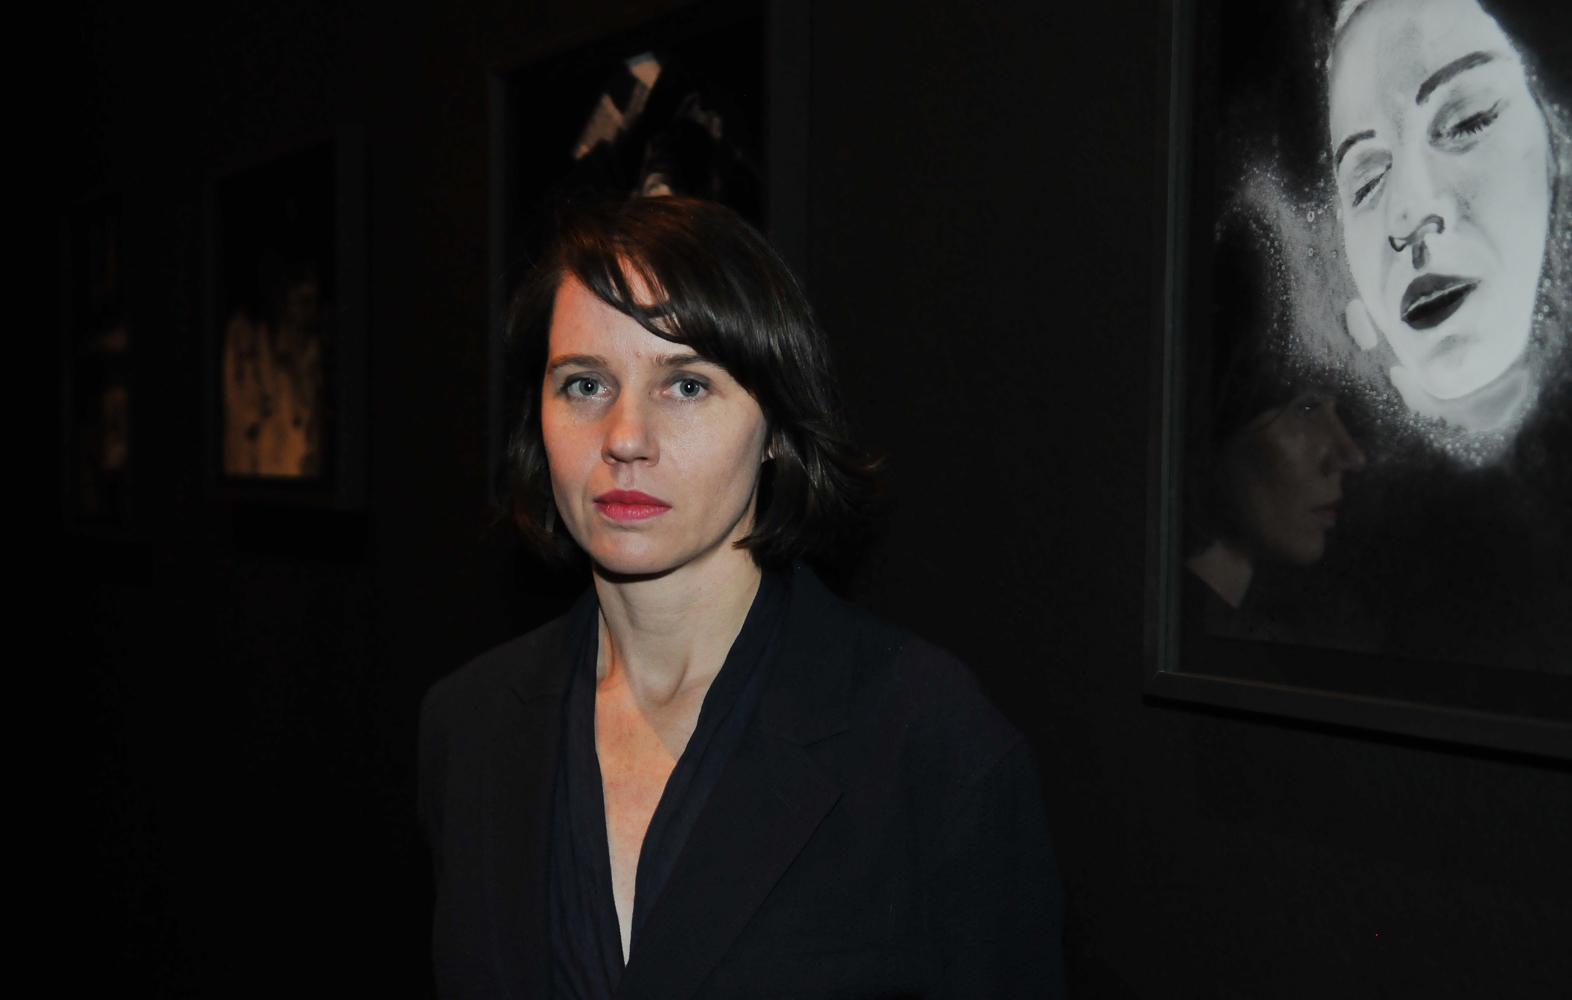 Aneta Grzeszykowska, fot. Marek Krzyzanek / Medium